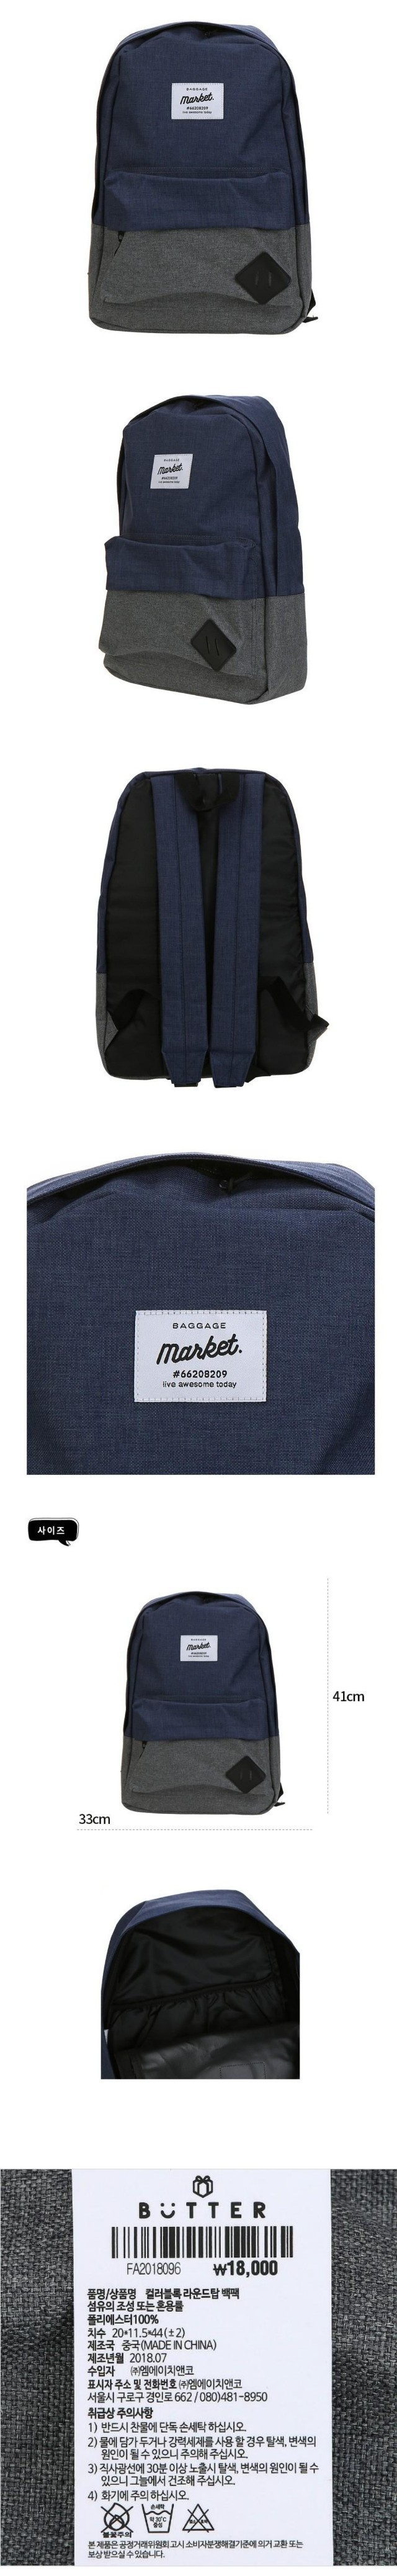 학생용 세컨 가방(백팩)